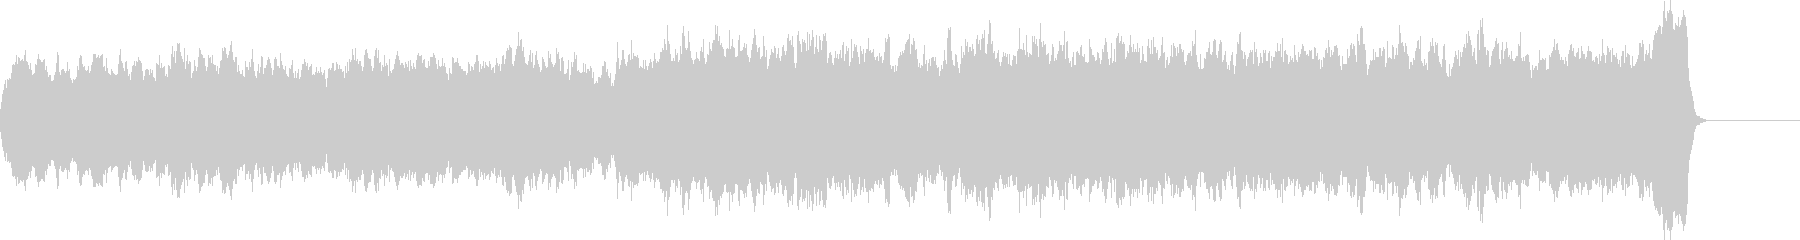 バッハのようなパイプオルガンオリジナル曲の未再生の波形